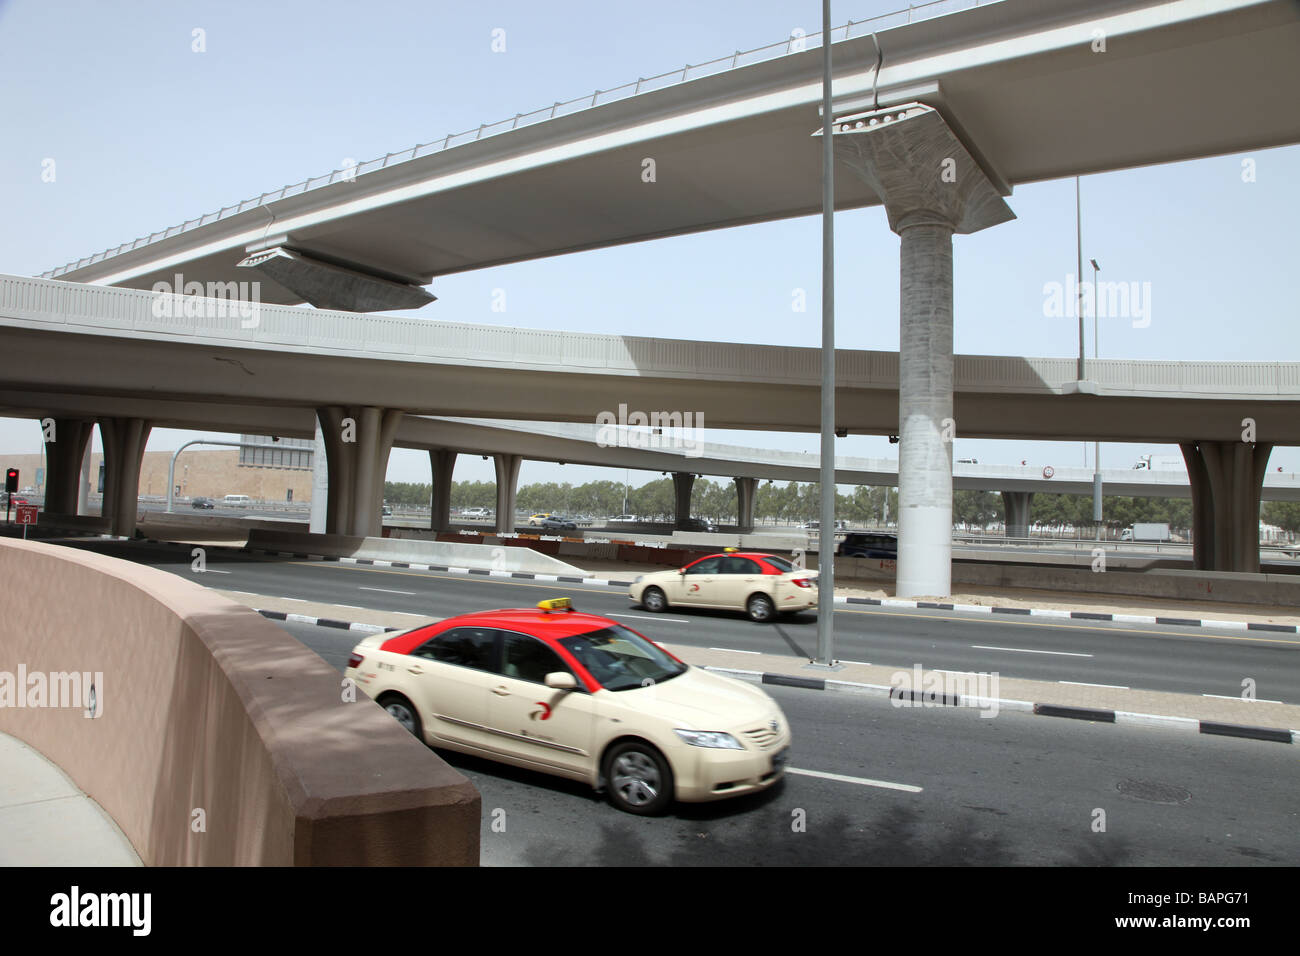 La voirie de la ville de Dubaï Emirats Arabes Unis centre Photo Stock